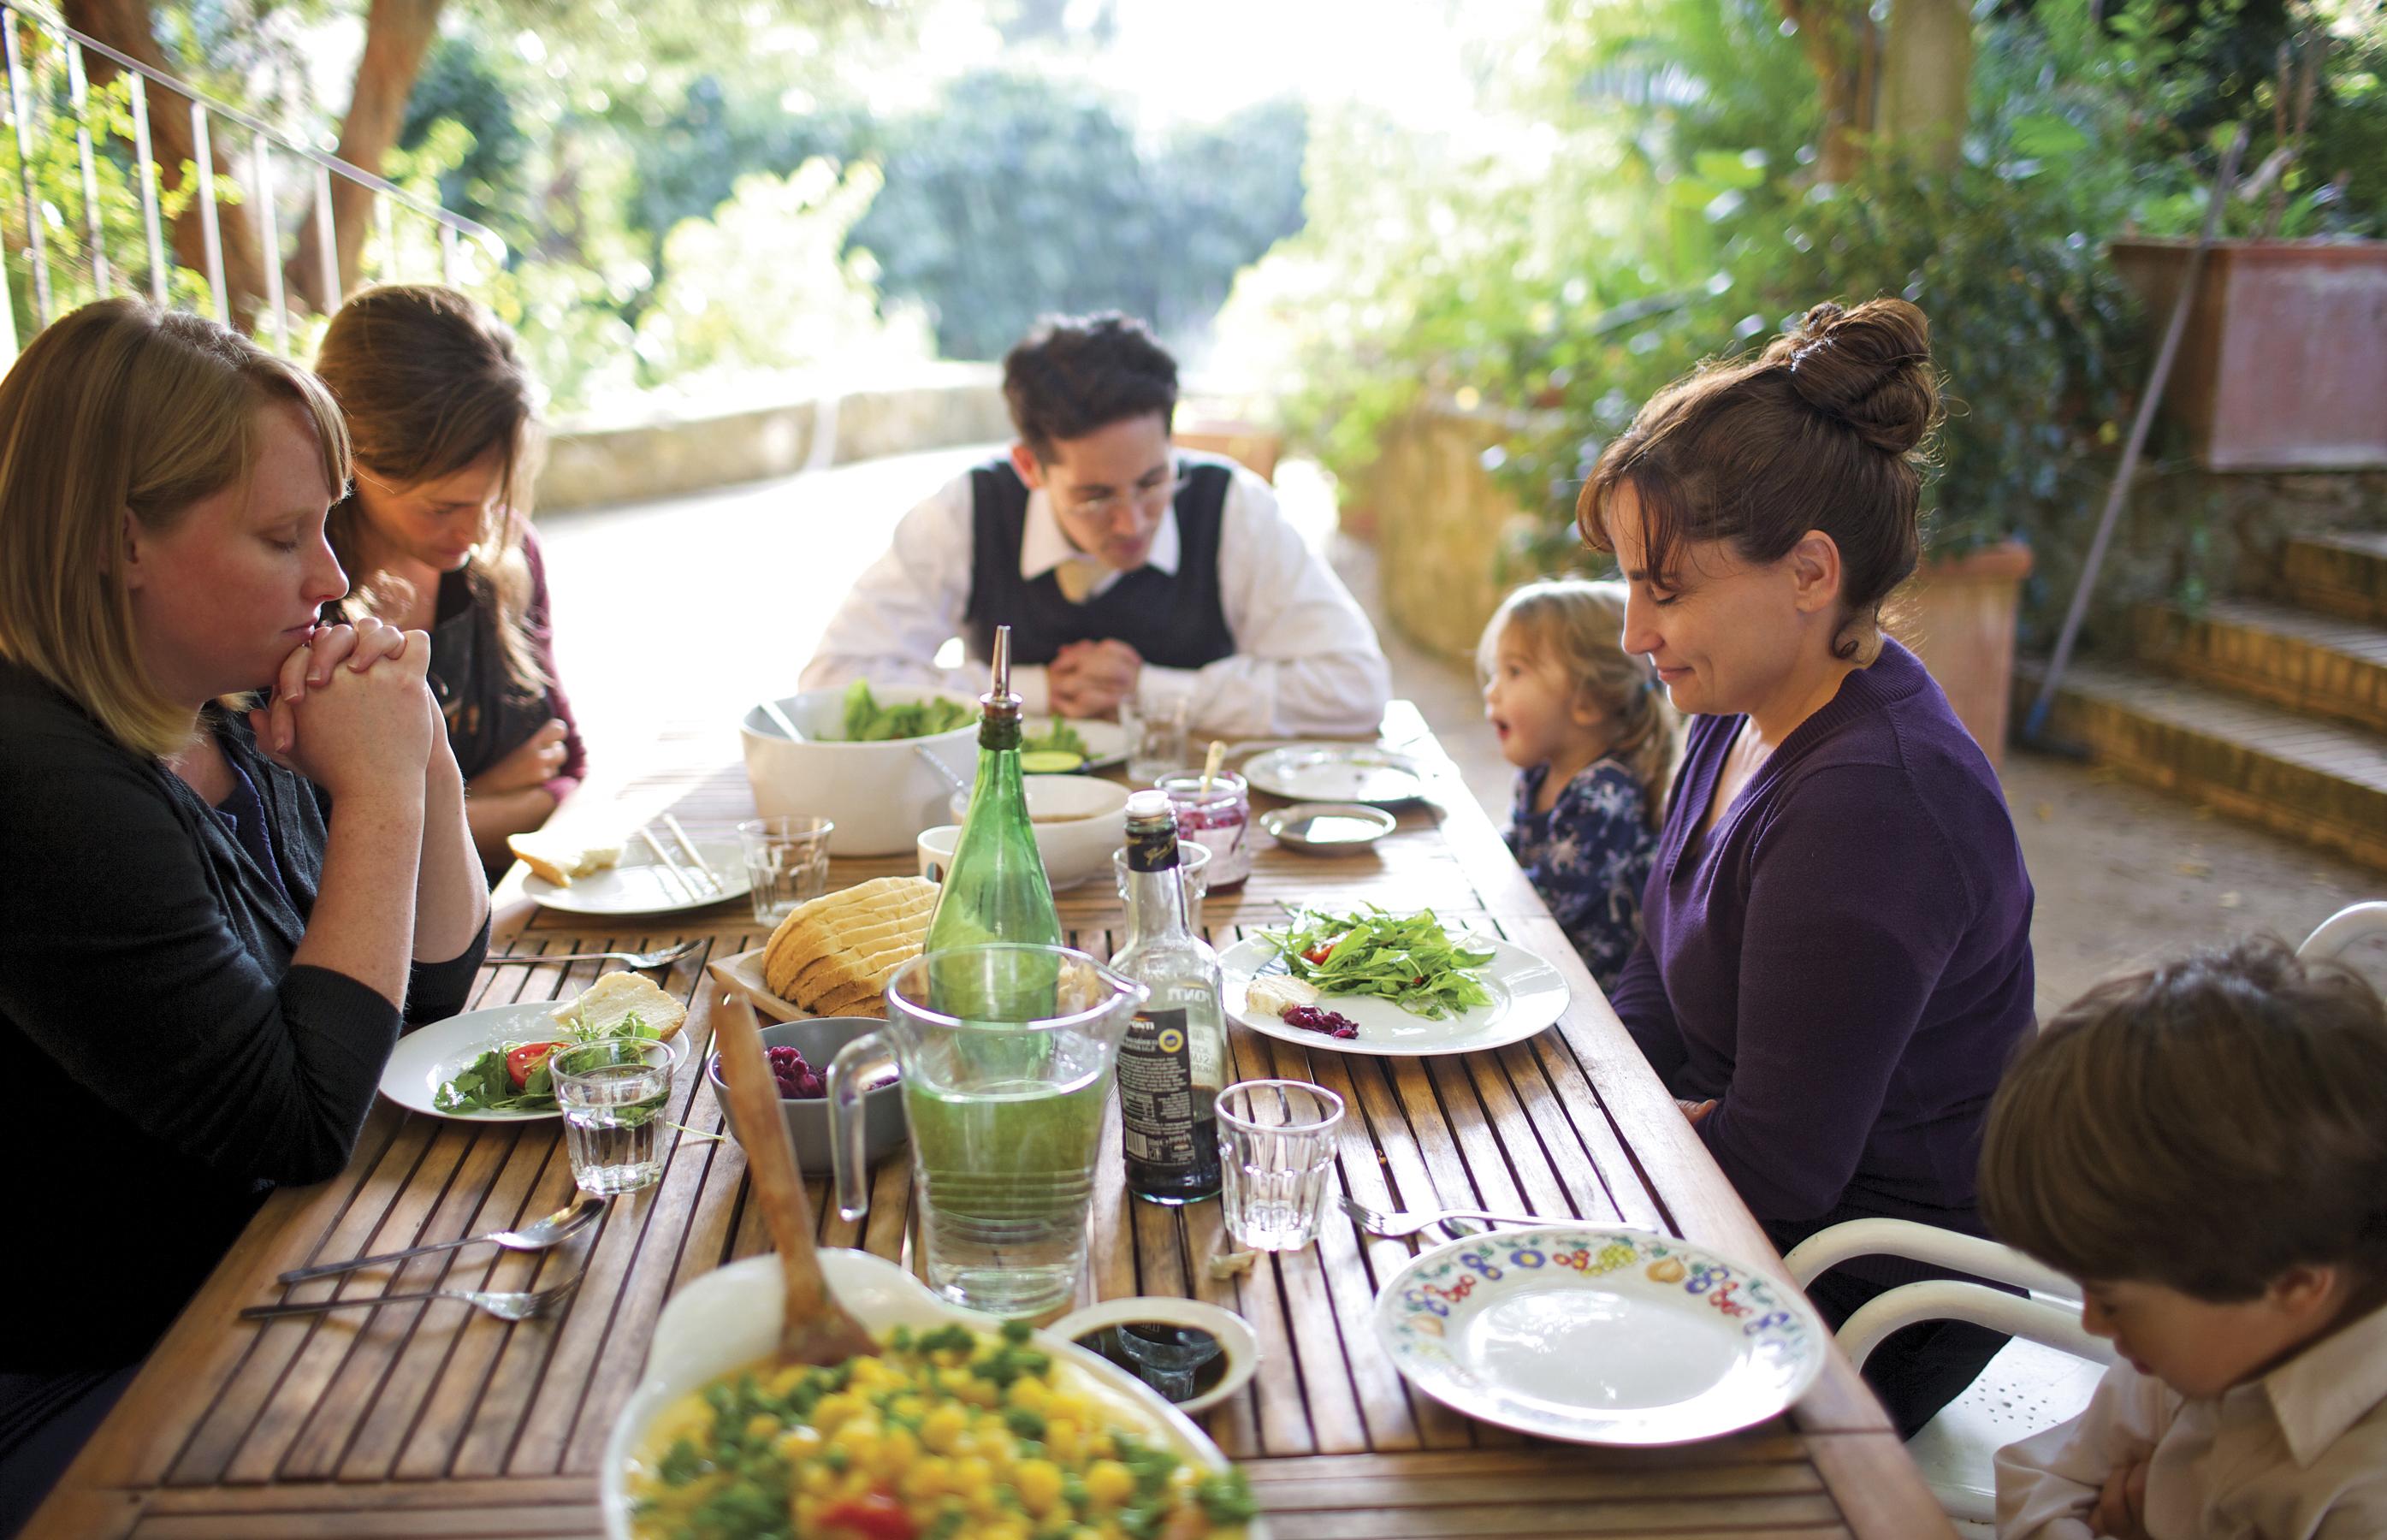 Niki and family at dinner.